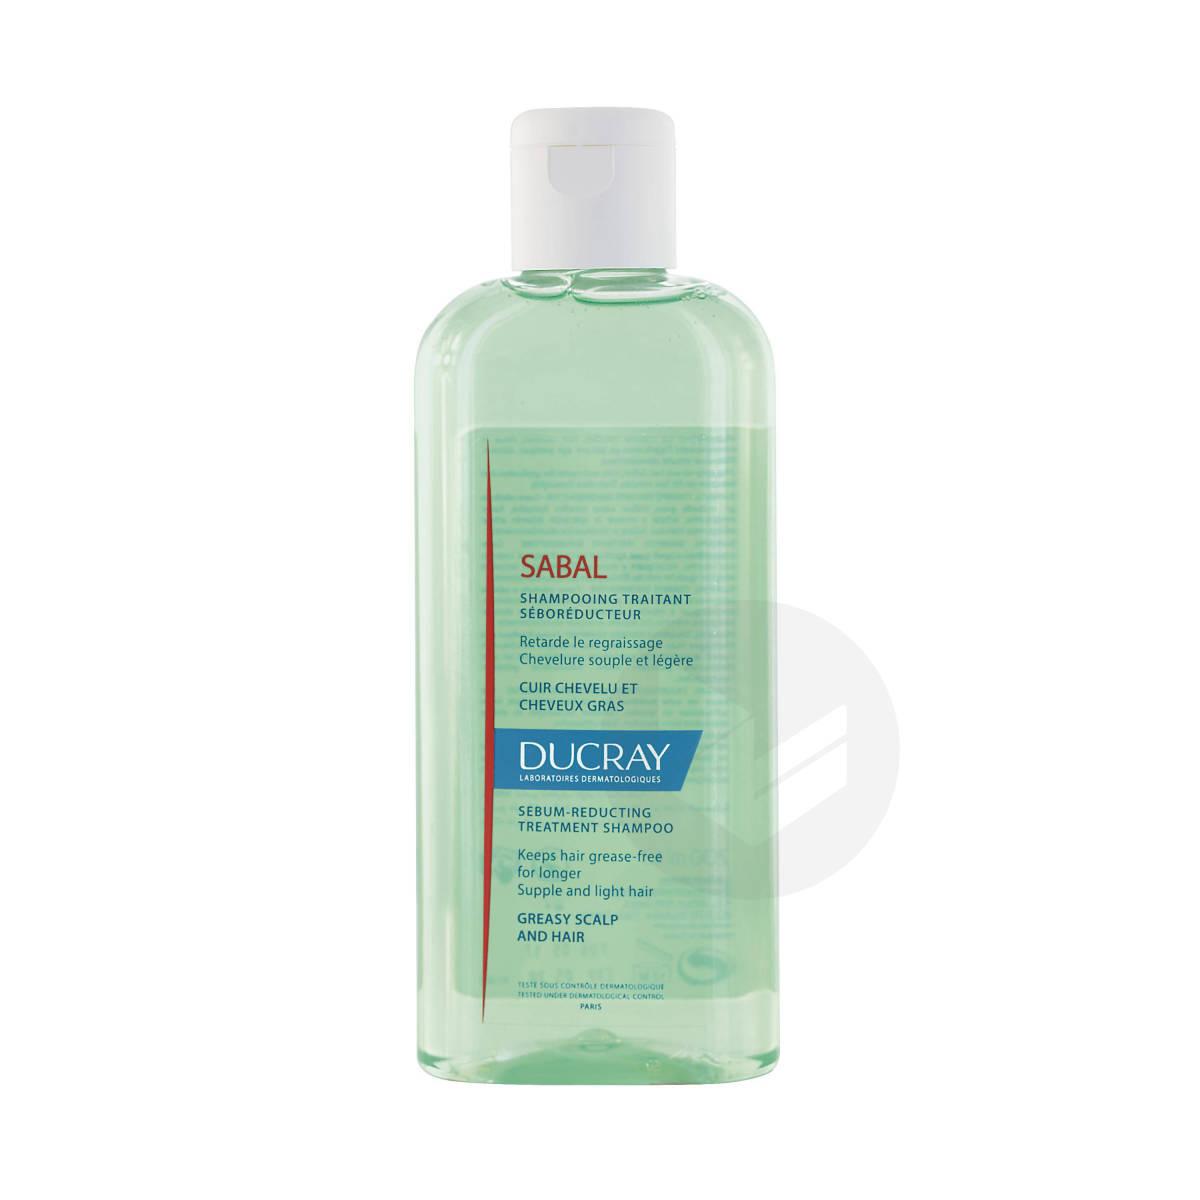 Shampooing traitant séboréducteur purifiant cheveux gras 200ml